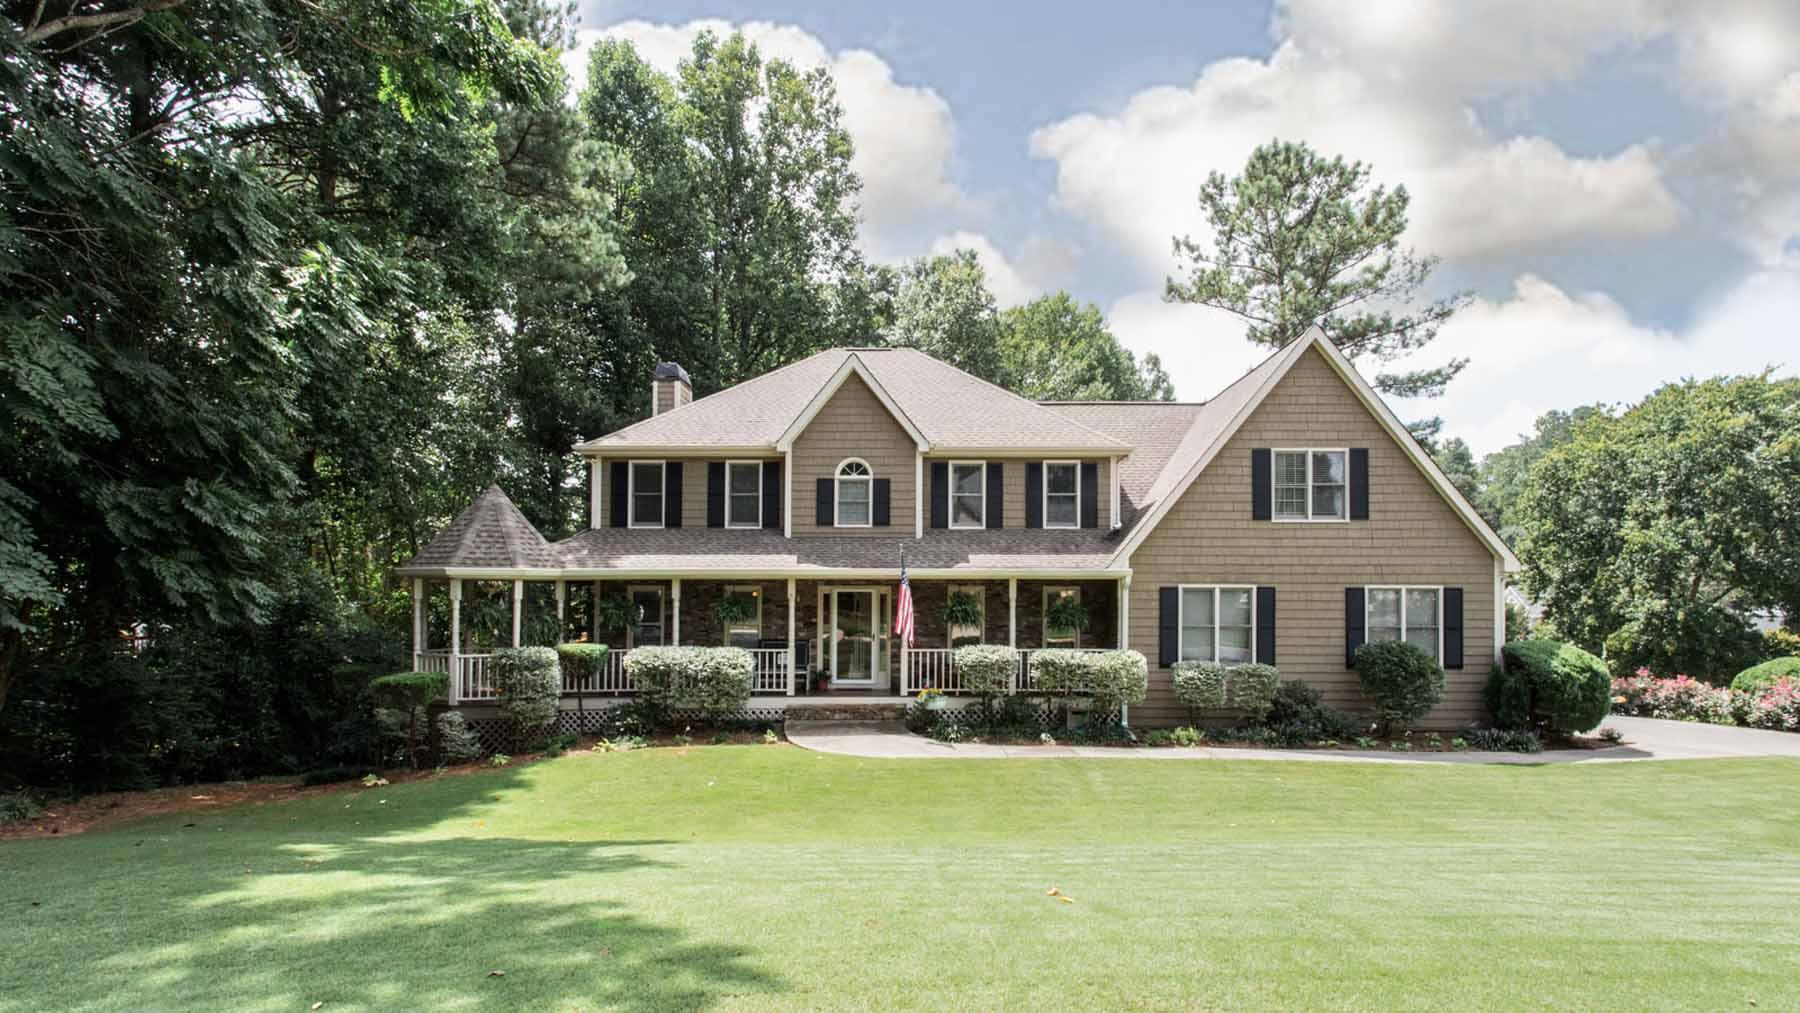 Einfamilienhaus für Verkauf beim Beautiful Cape Cod on Corner Lot 5705 Brookstone Walk Acworth, Georgia, 30101 Vereinigte Staaten